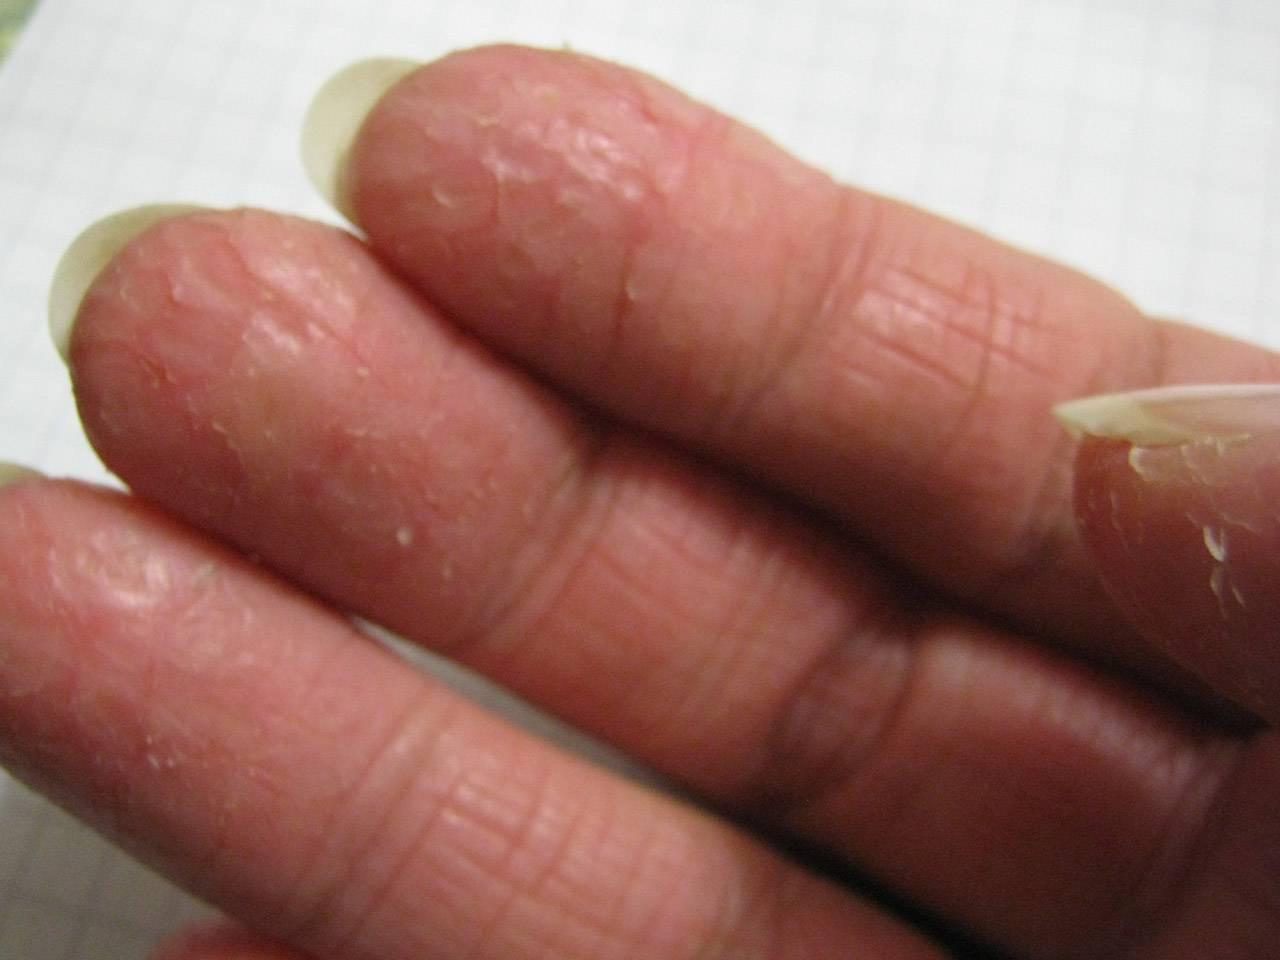 Лечебные кремы и мази от трещин и сухости рук. как правильно подобрать средство?